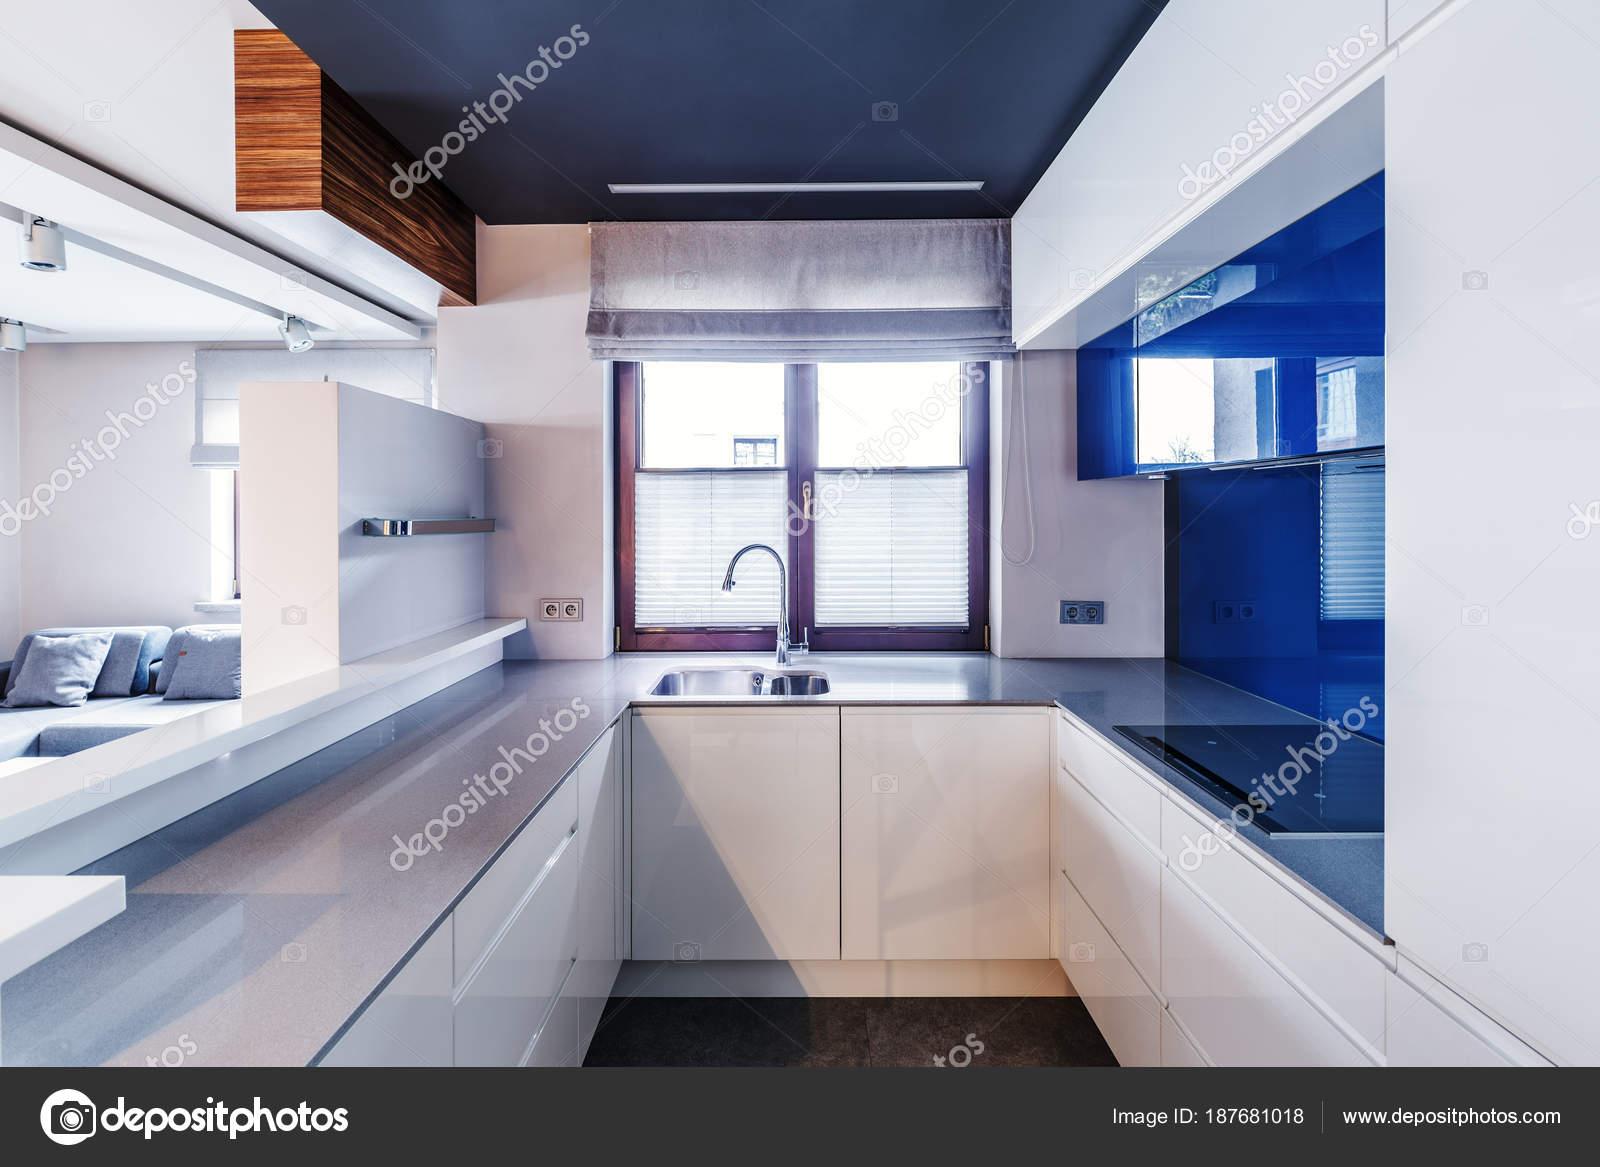 Tolle Küche Farbe Ideen Mit Blauen Platten Galerie - Ideen Für Die ...